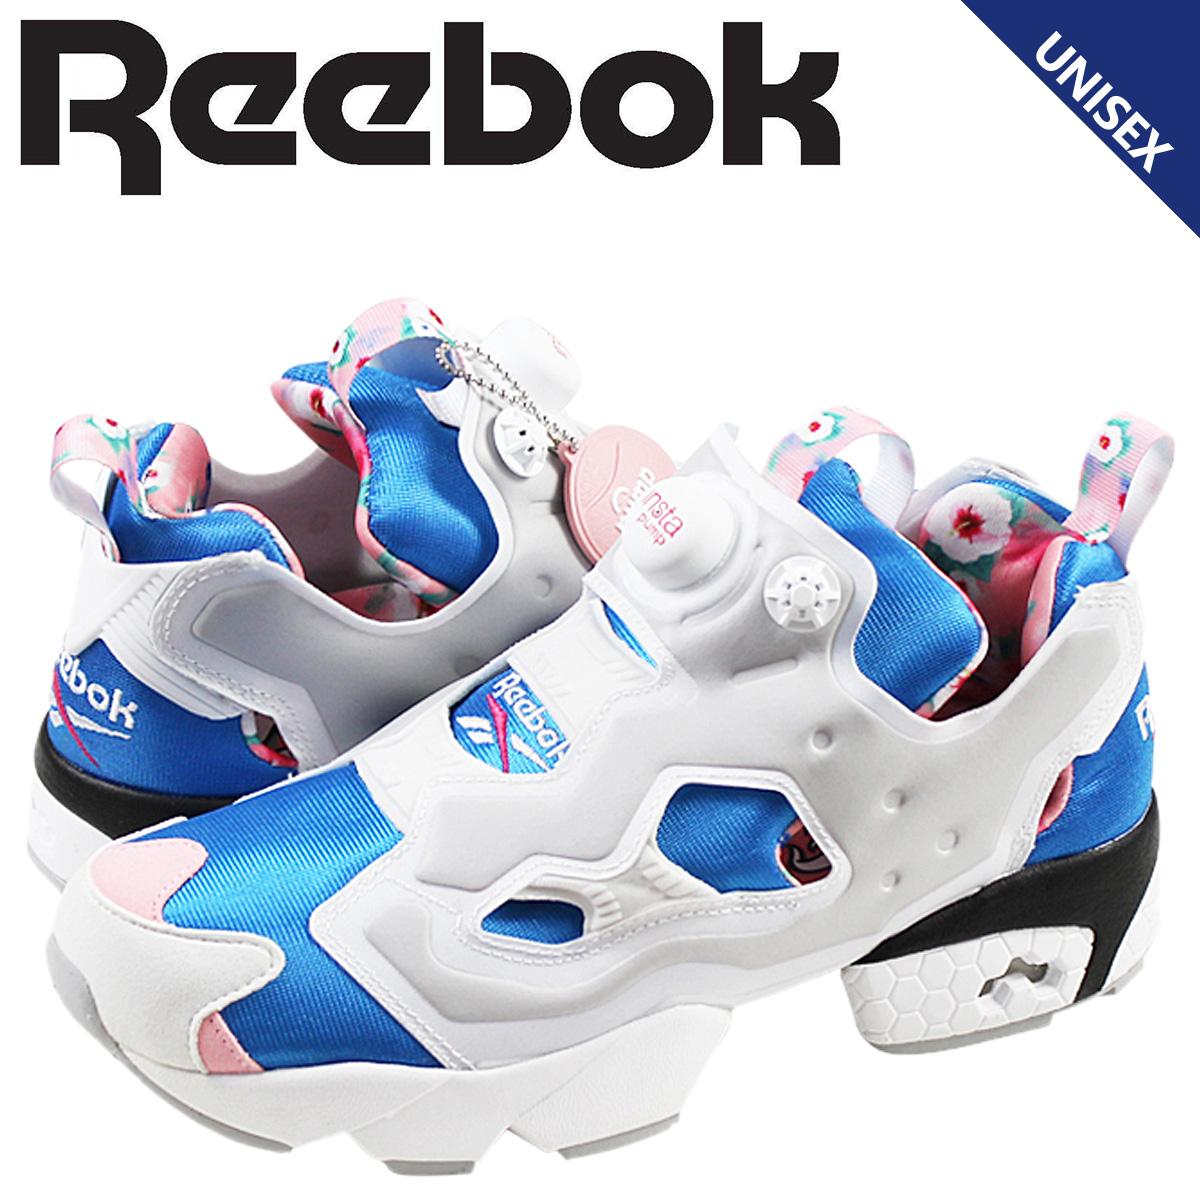 Reebok リーボック ポンプフューリー スニーカー INSTAPUMP FURY OG SHARON V62596 メンズ レディース 靴 ブルー ホワイト